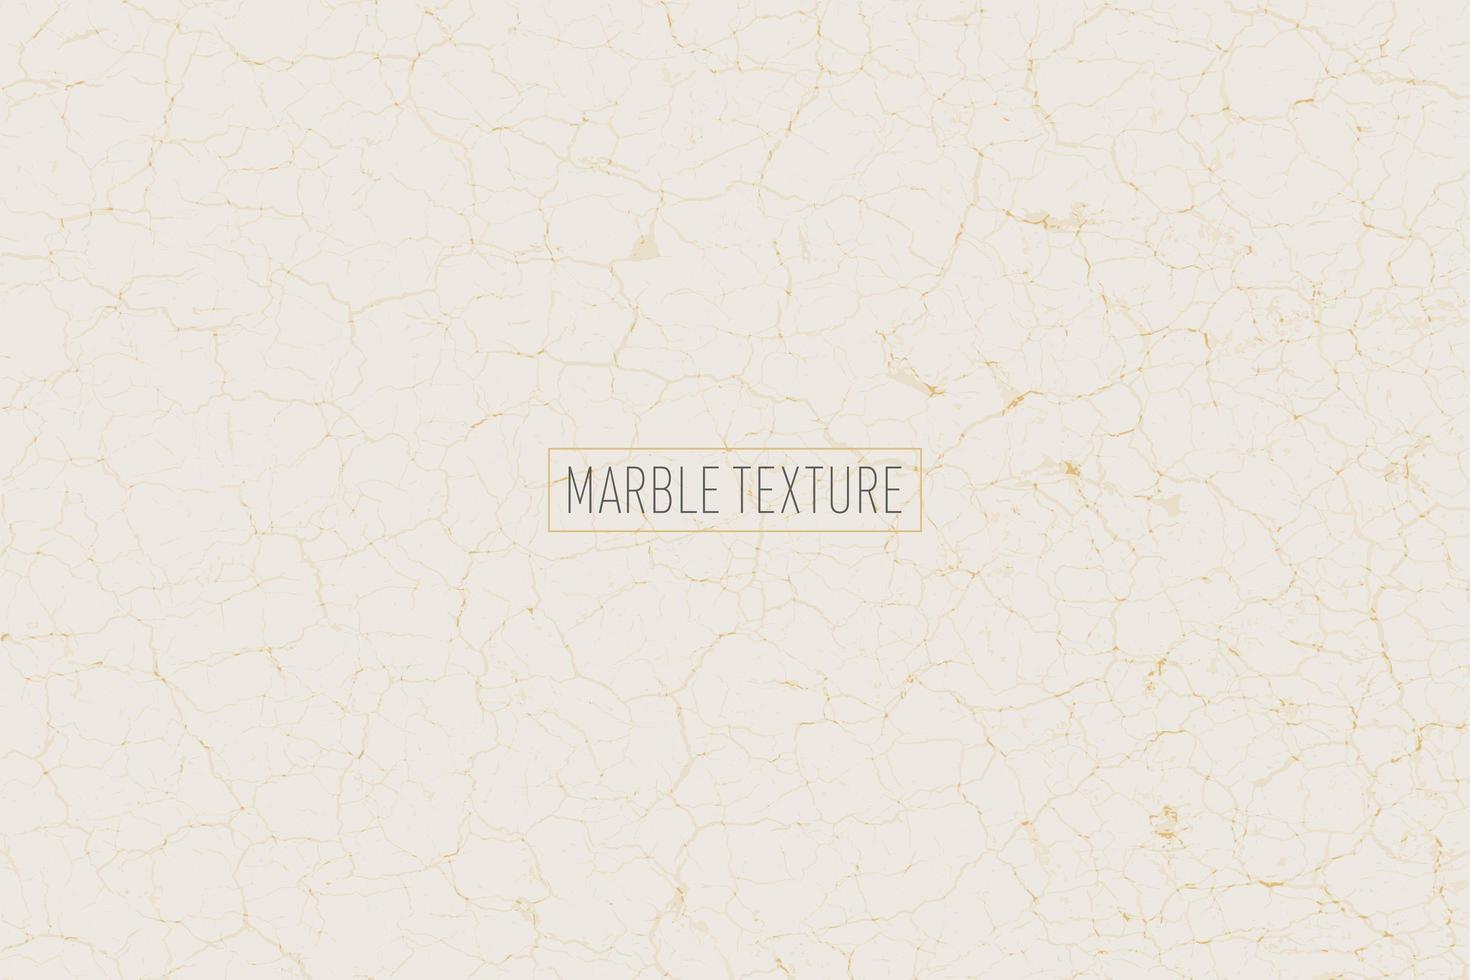 vit och guld marmor konsistens vektor